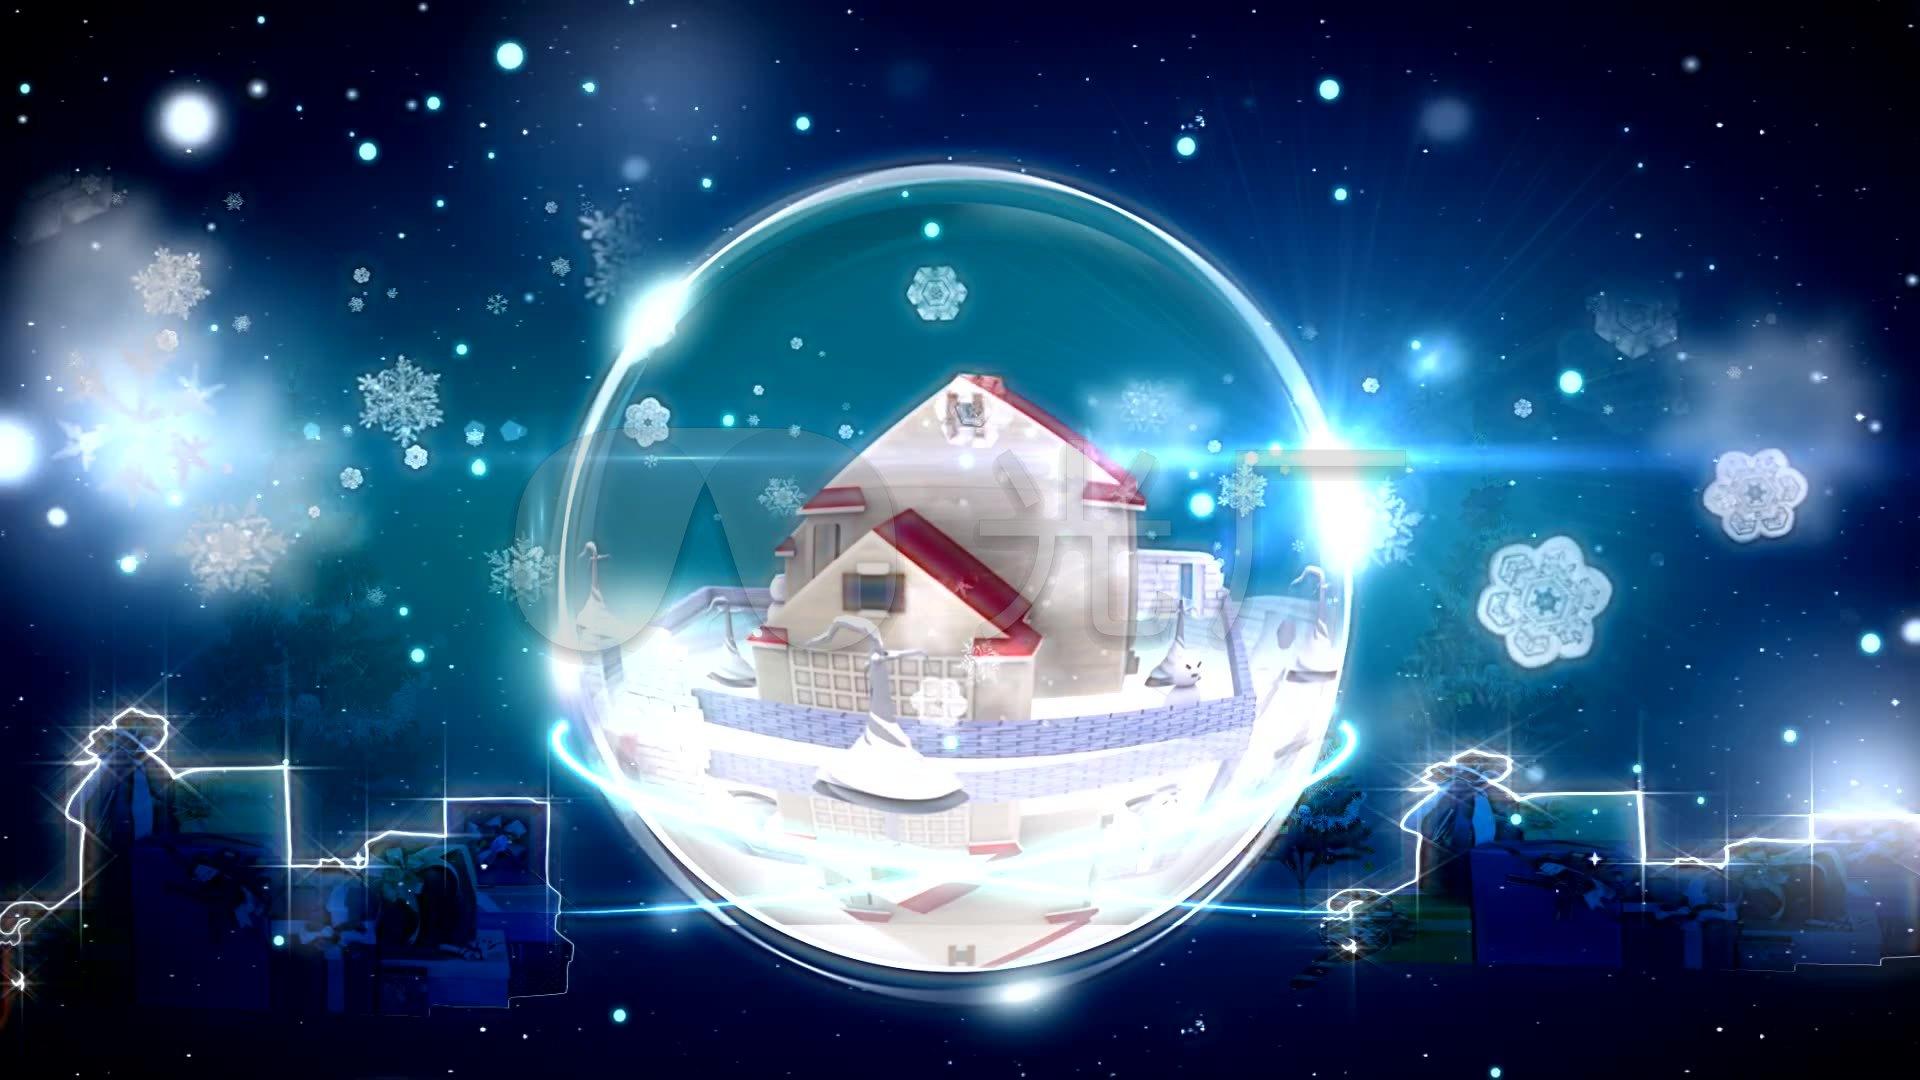 水晶 浪漫 飘雪 小屋 雪景 水晶球图片